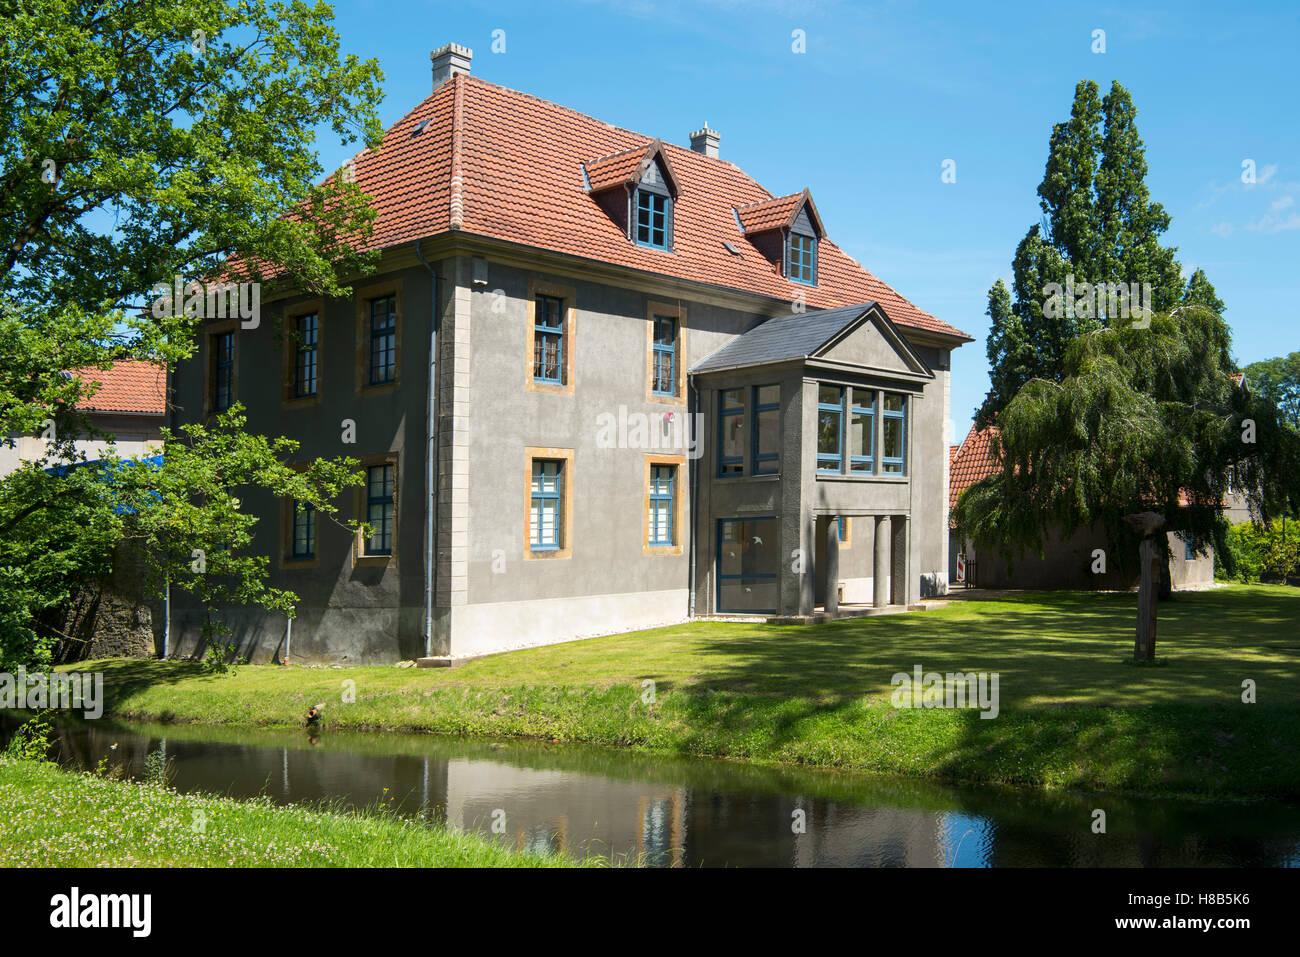 Haus Kaufen Nrw Haus Elmpt Herrenhaus In Niederkrüchten Kr Viersen